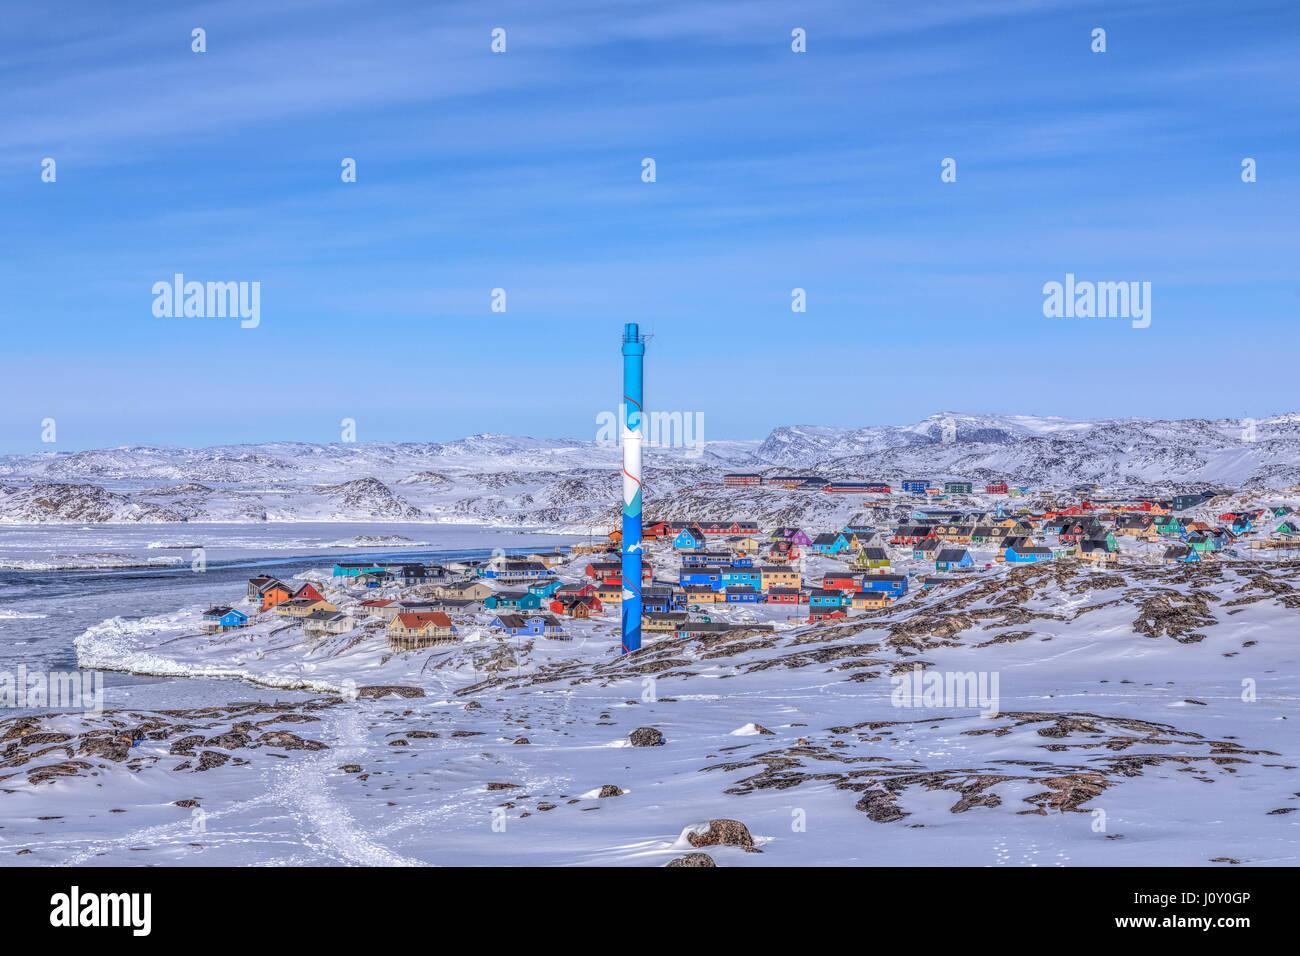 La ciudad de Ilulissat, Groenlandia Foto de stock